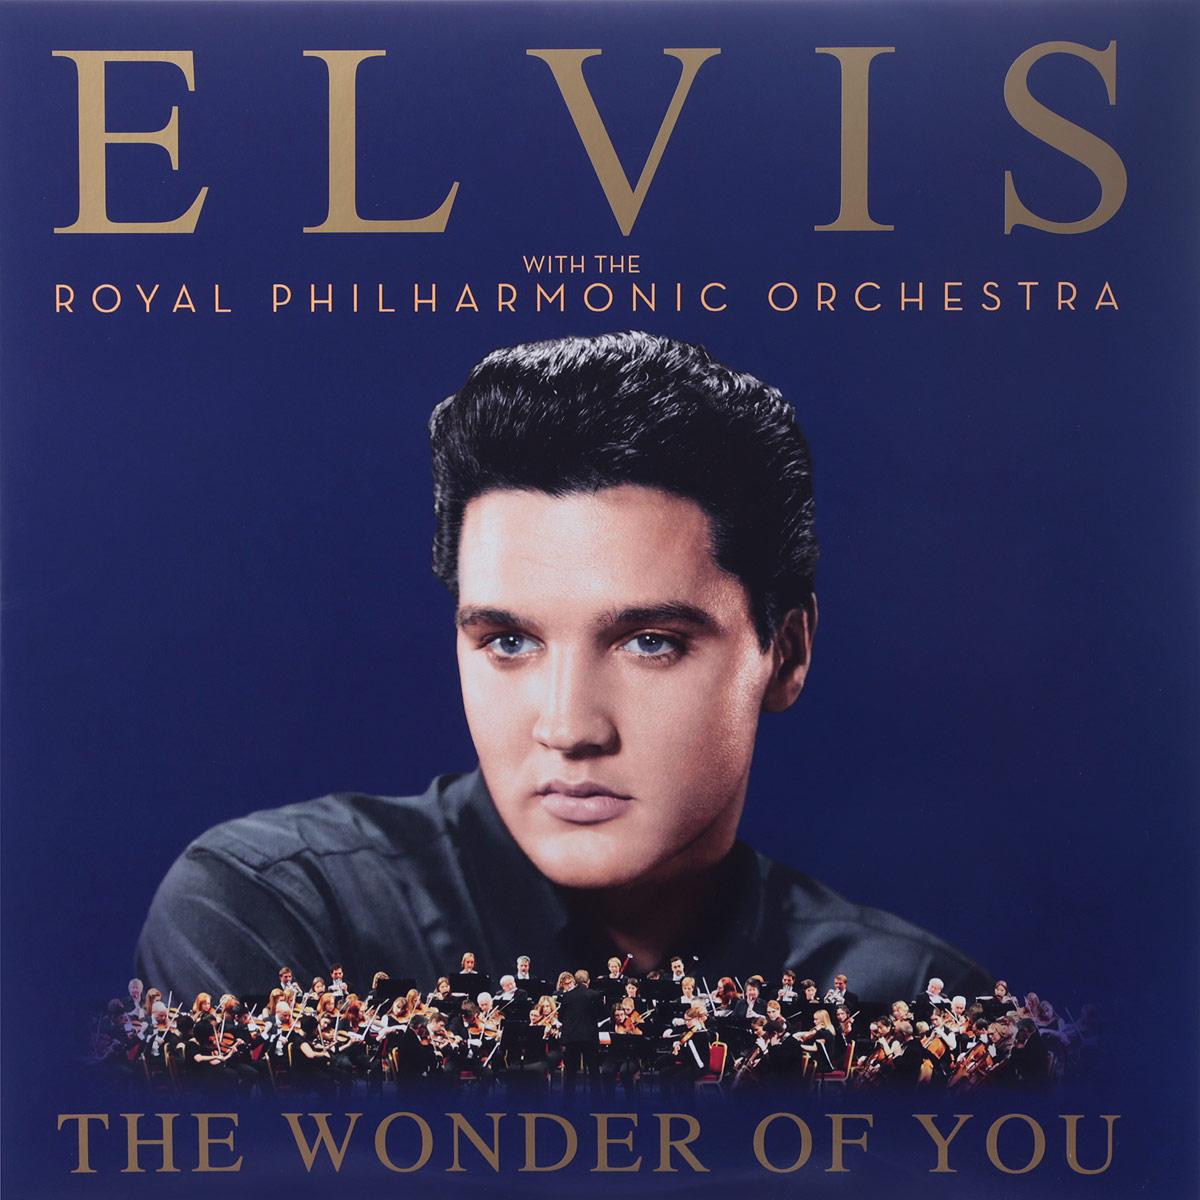 лучшая цена Элвис Пресли,The Royal Philharmonic Orchestra Elvis Presley With The Royal Philharmonic Orchestra. The Wonder Of You (2 LP)